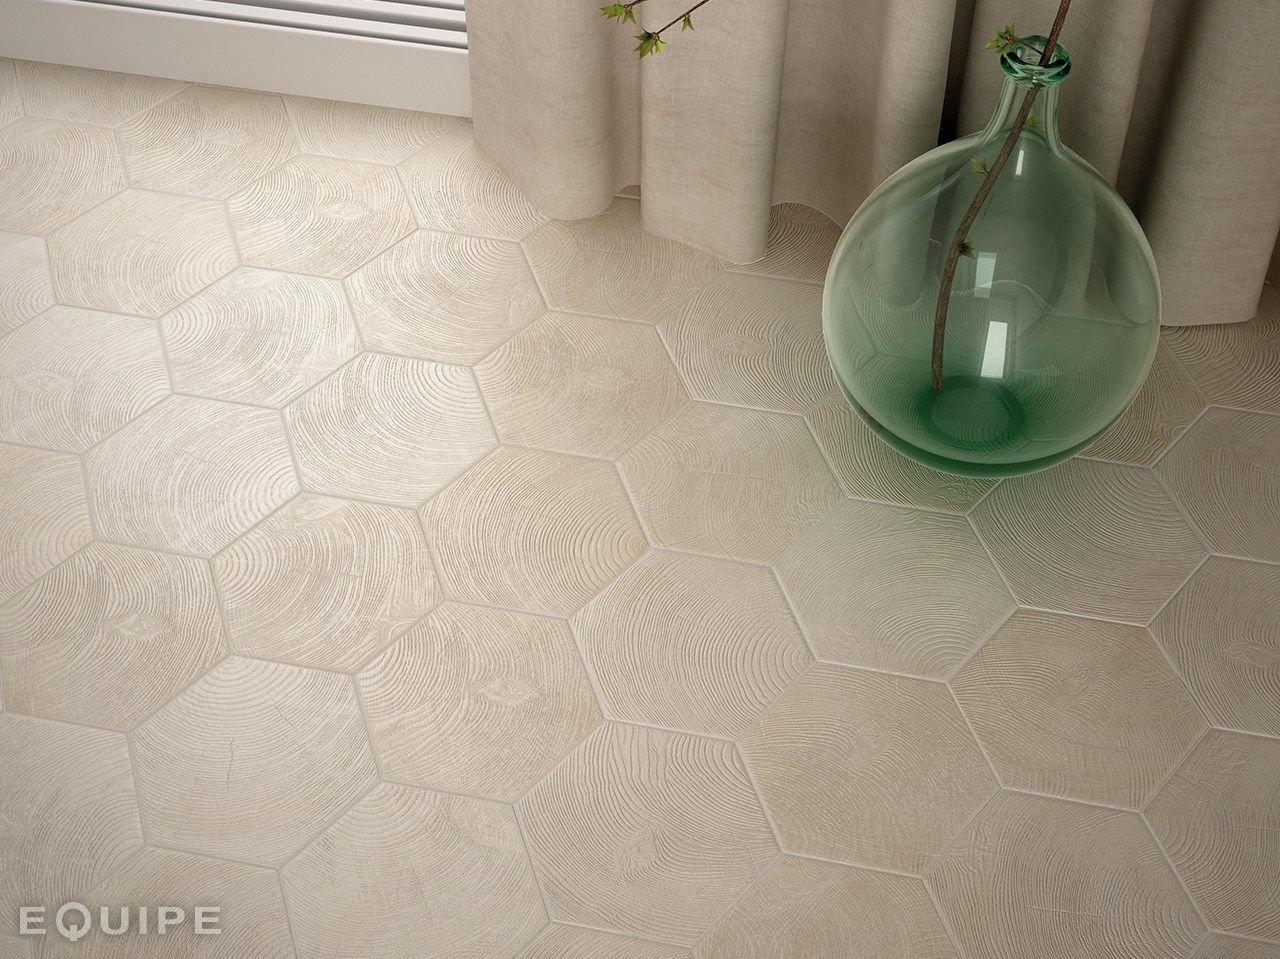 Ceramic flooring HEXAWOOD by EQUIPE CERAMICAS